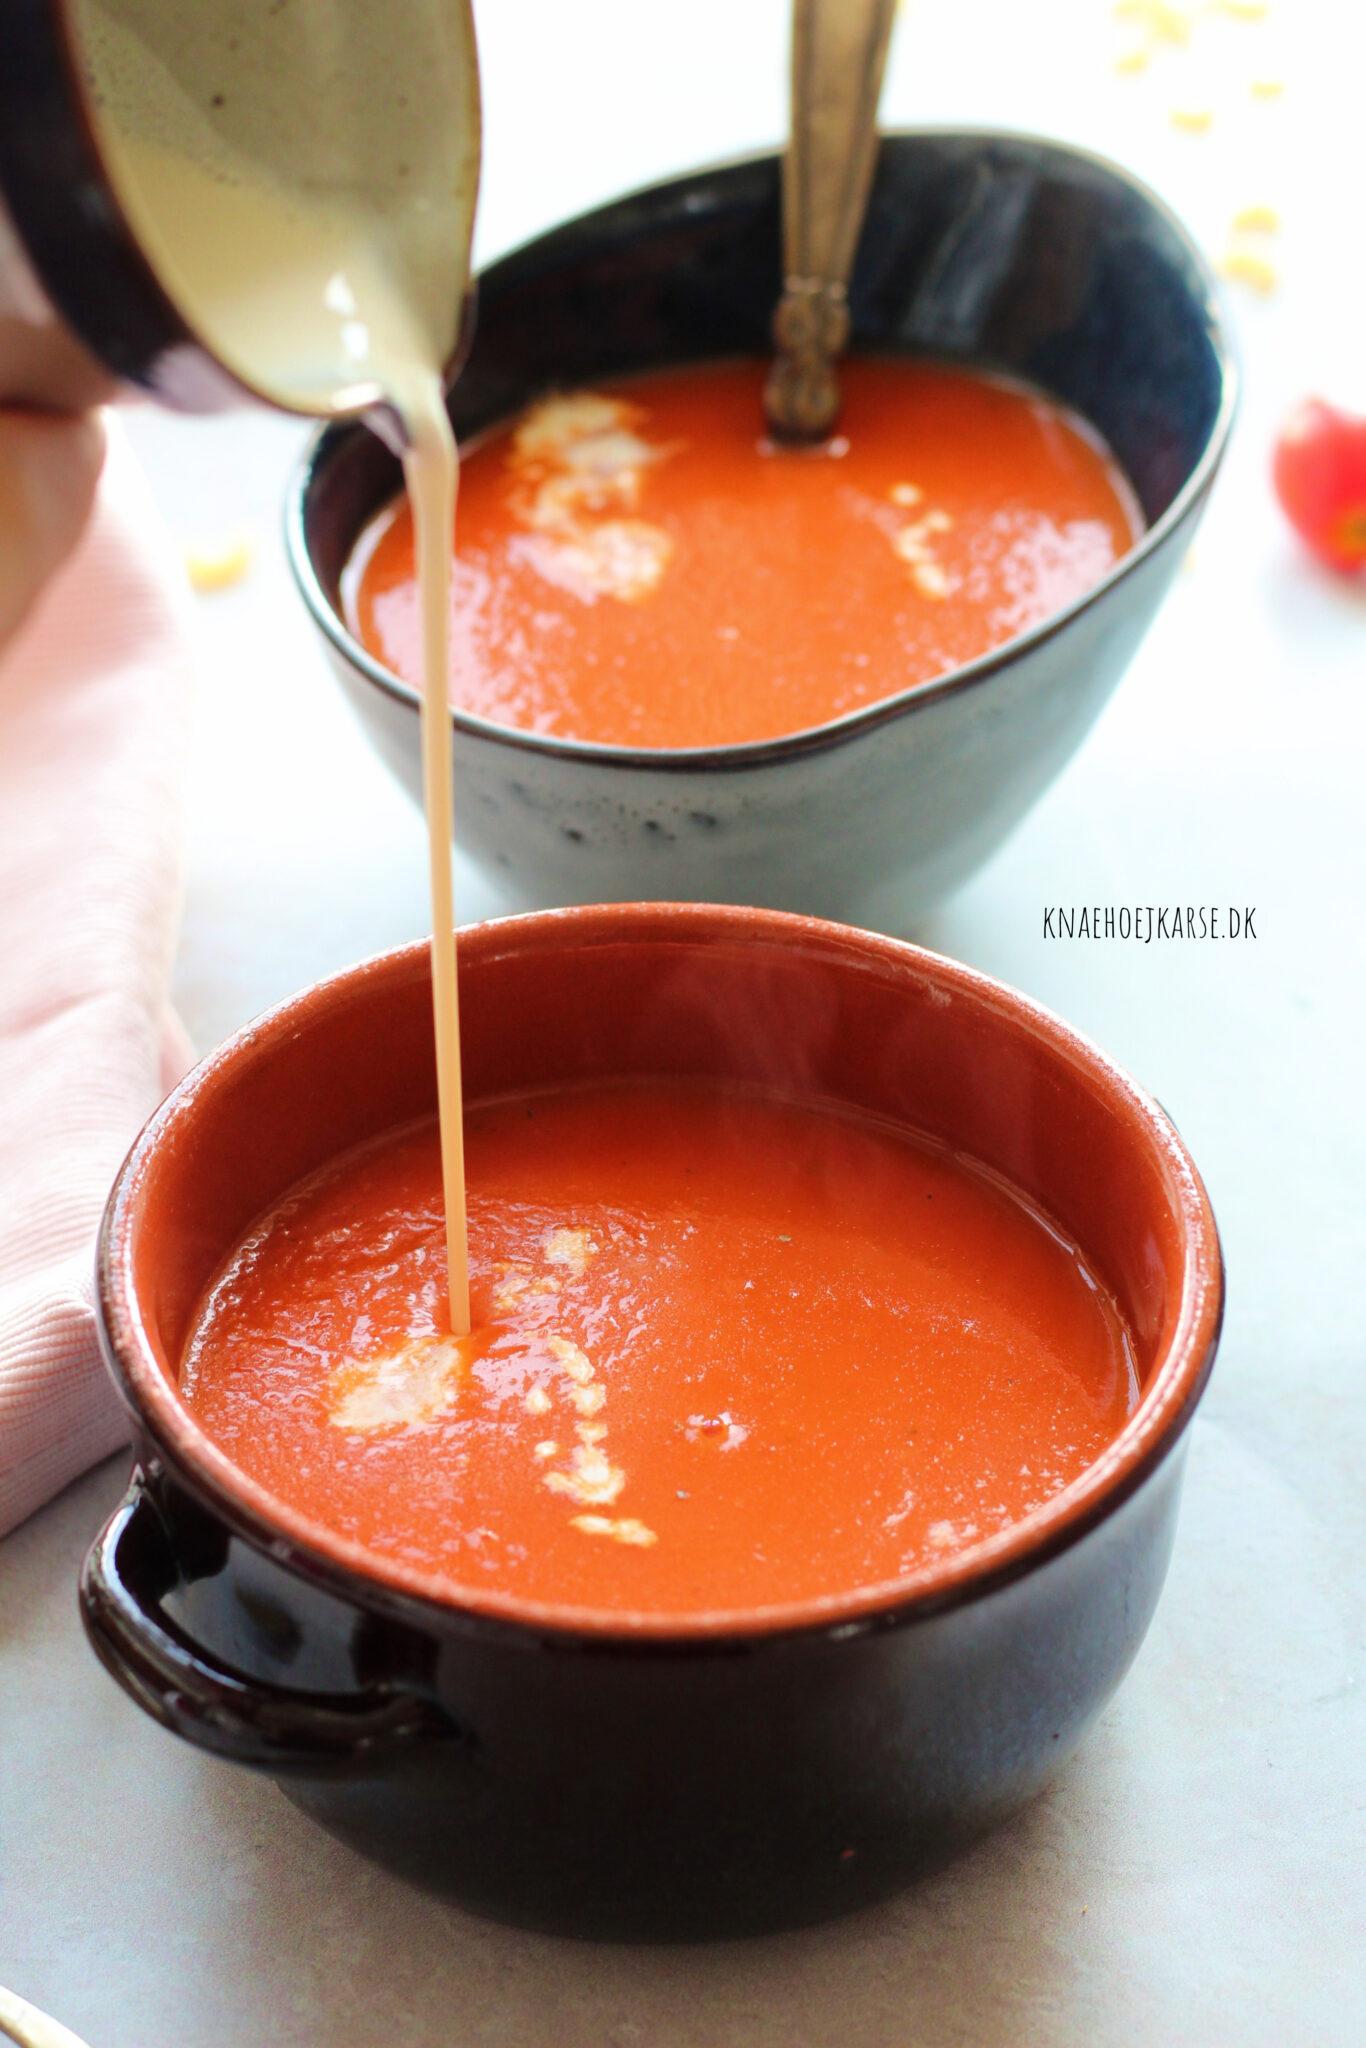 Verdens nemmeste tomatsuppe